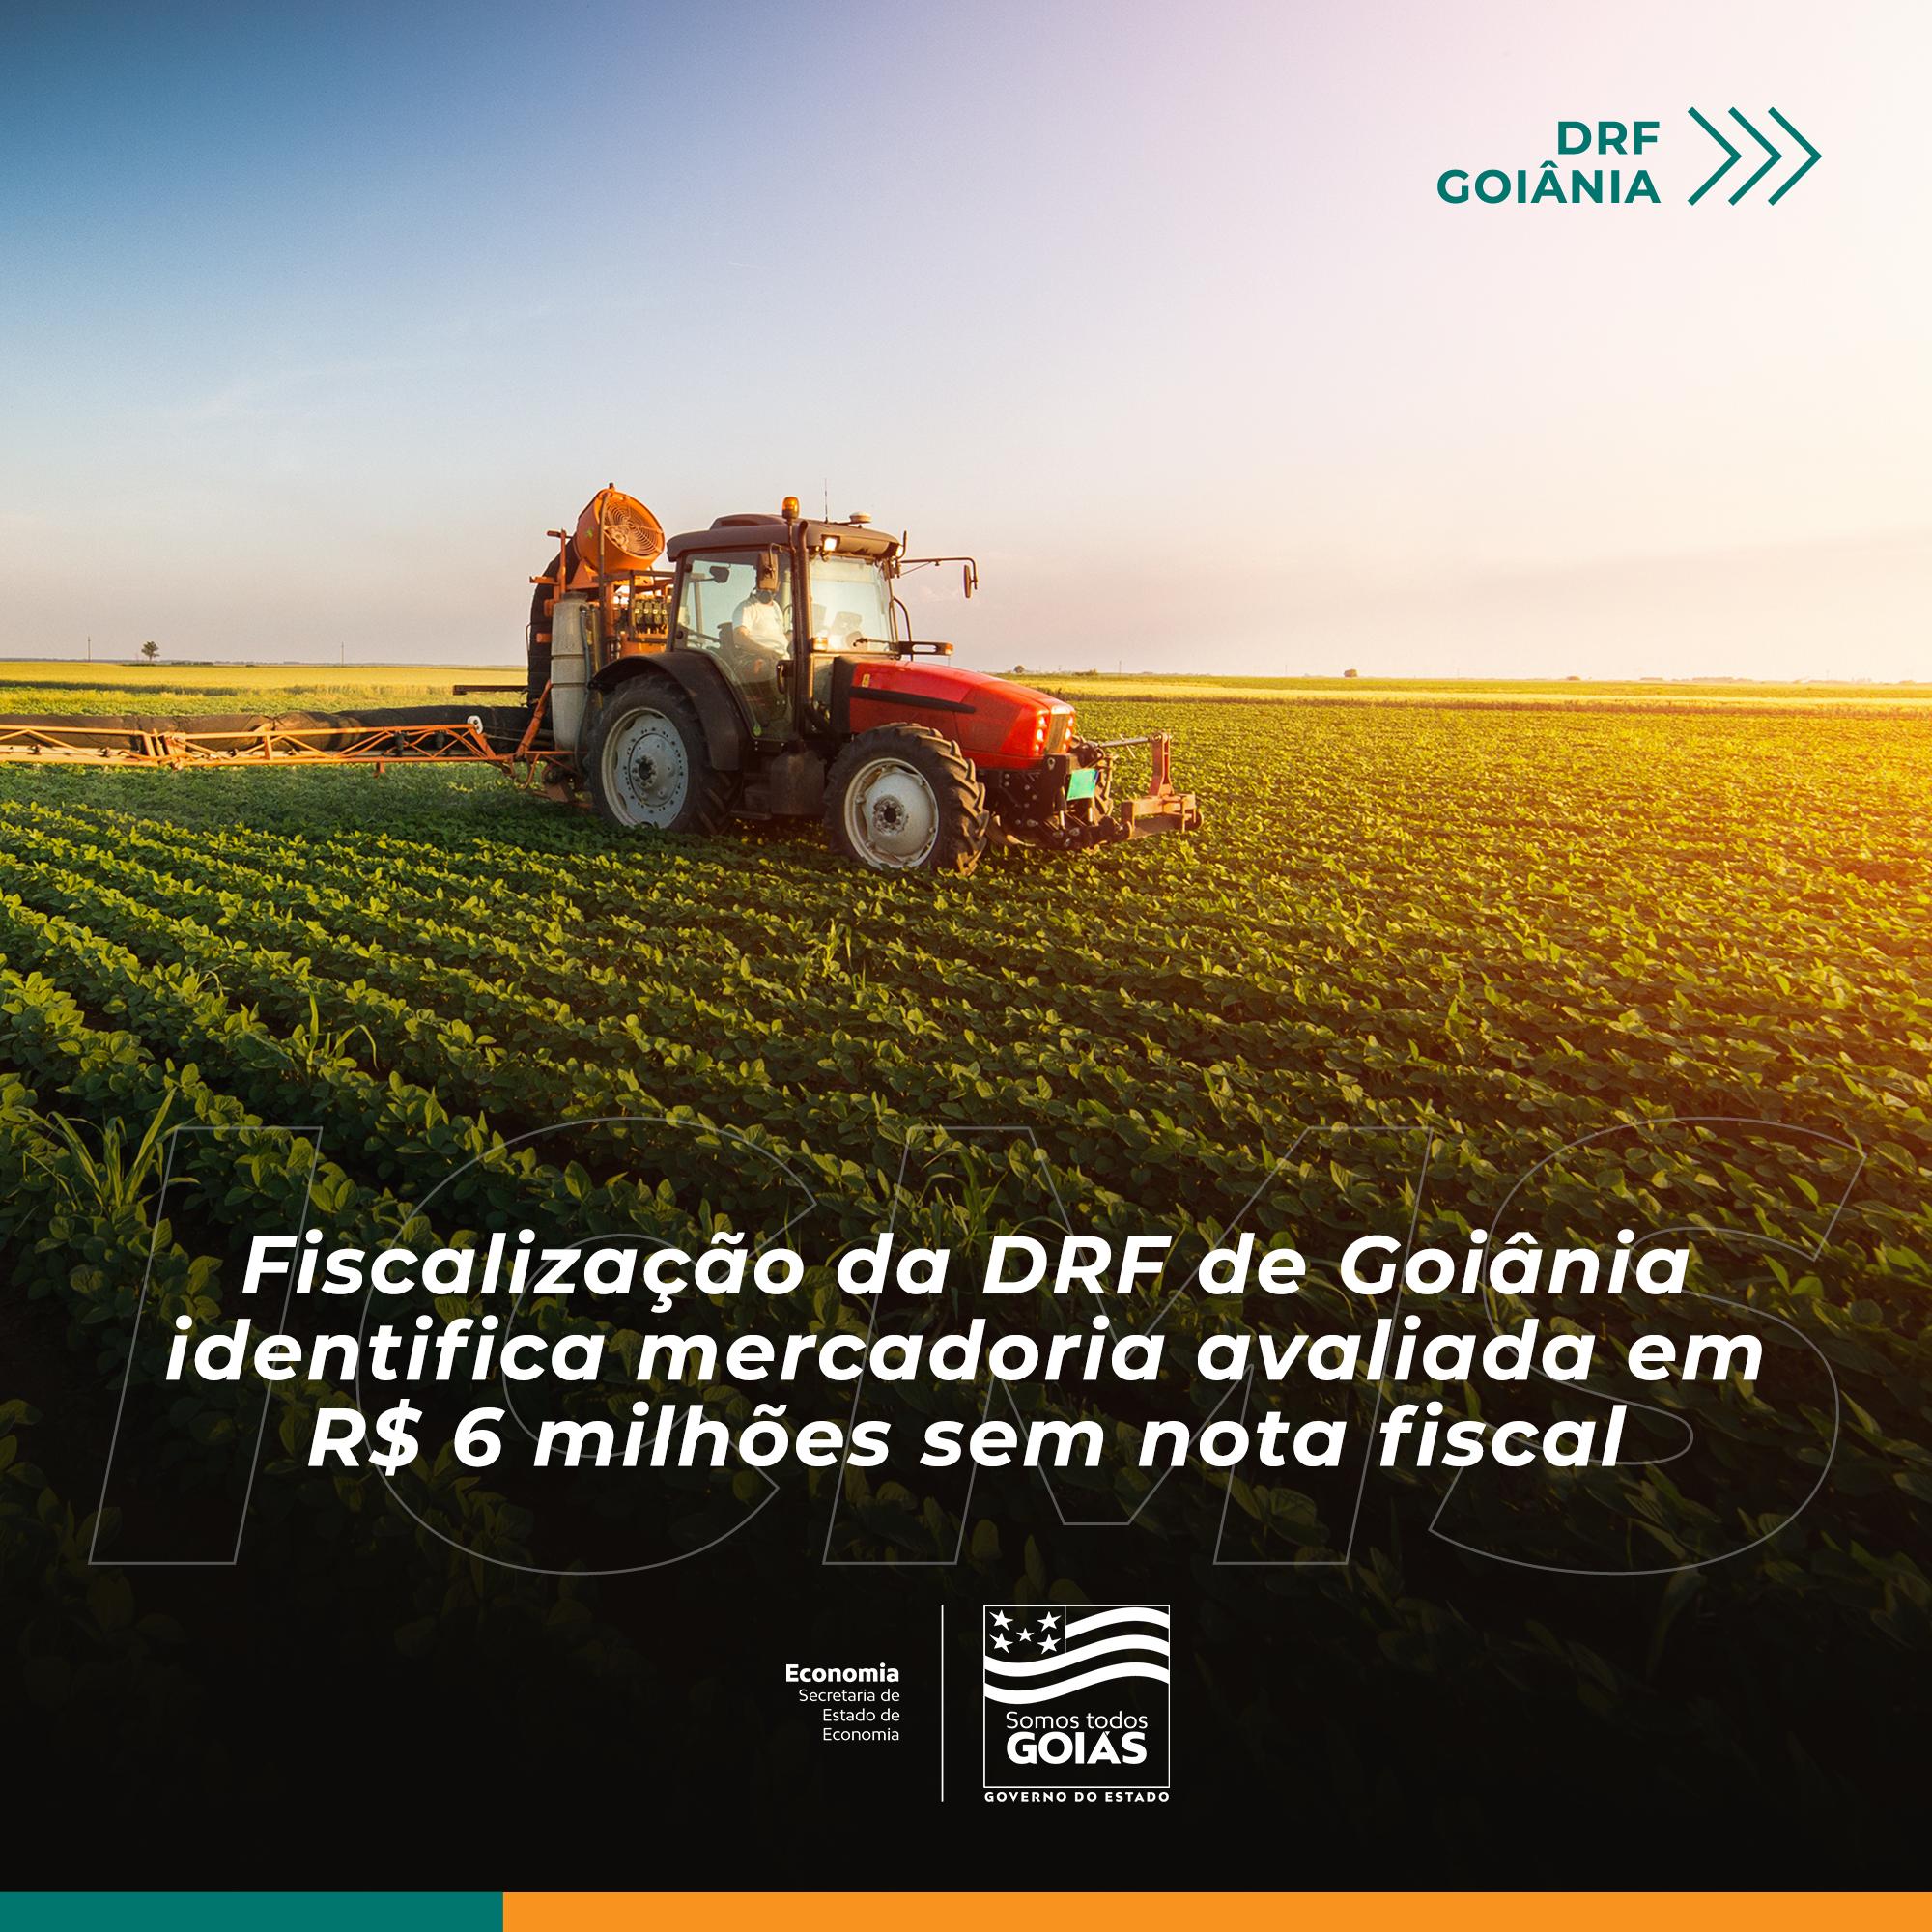 Grupo de empresas fiscalizado pela DRF de Goiânia sonegou mais de R$ 500 mil de ICMS